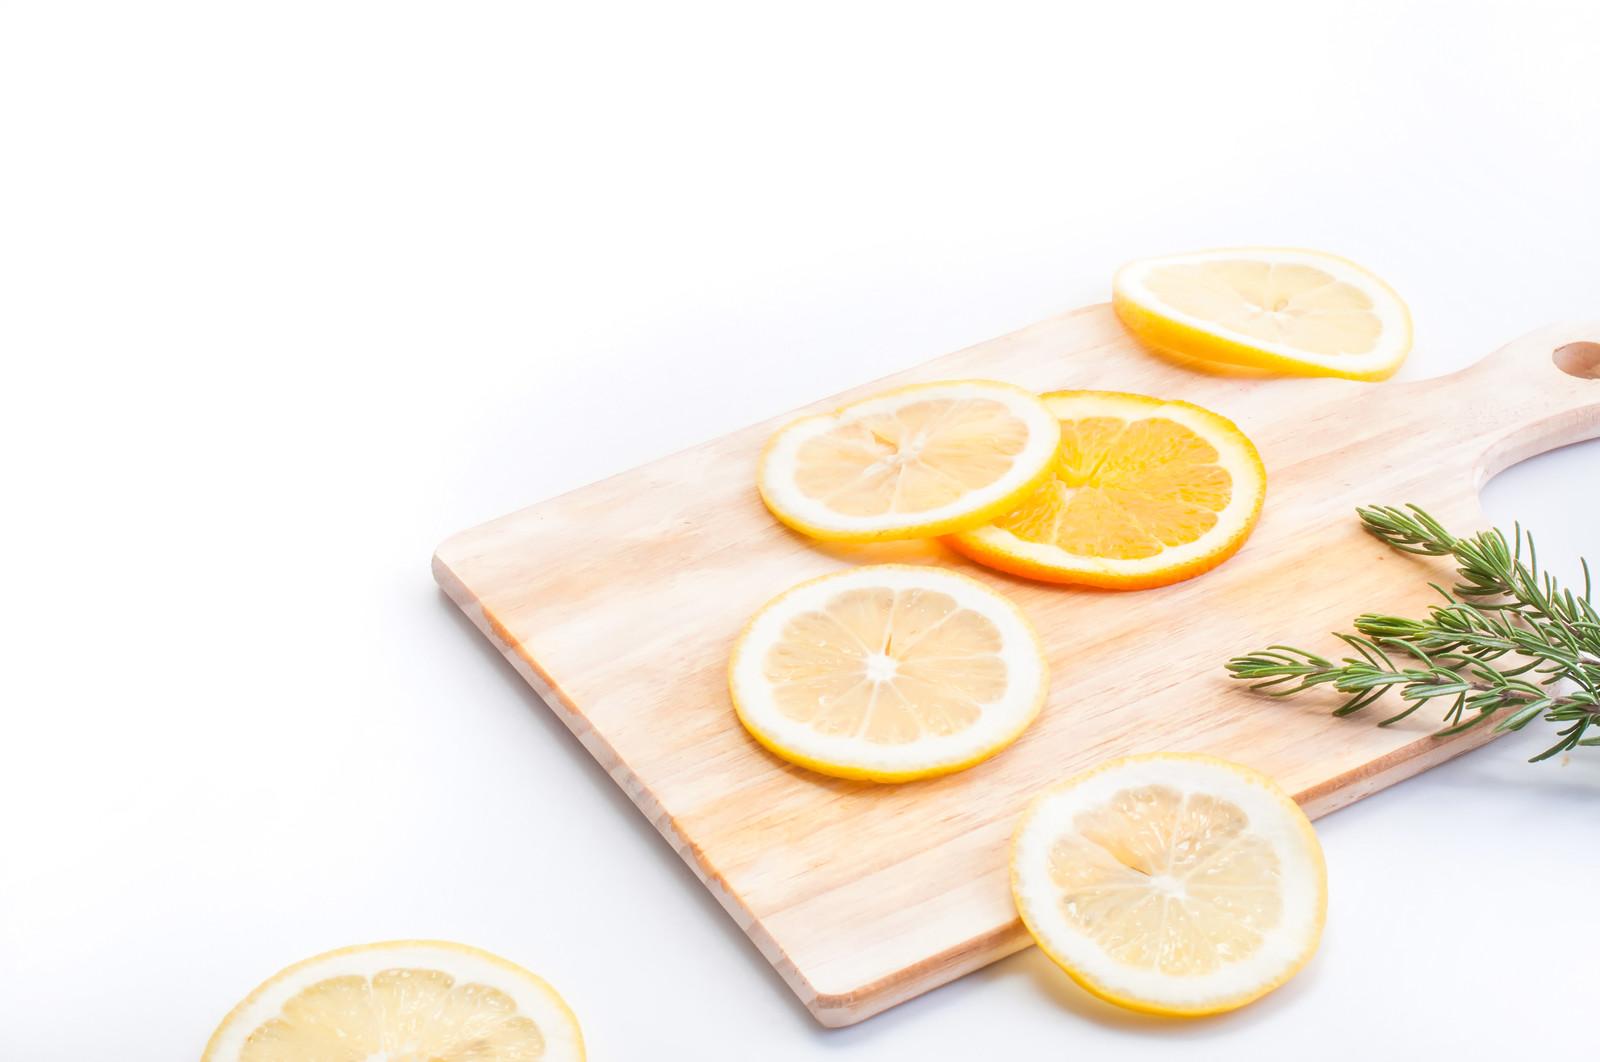 カッティングボードに乗ったレモン